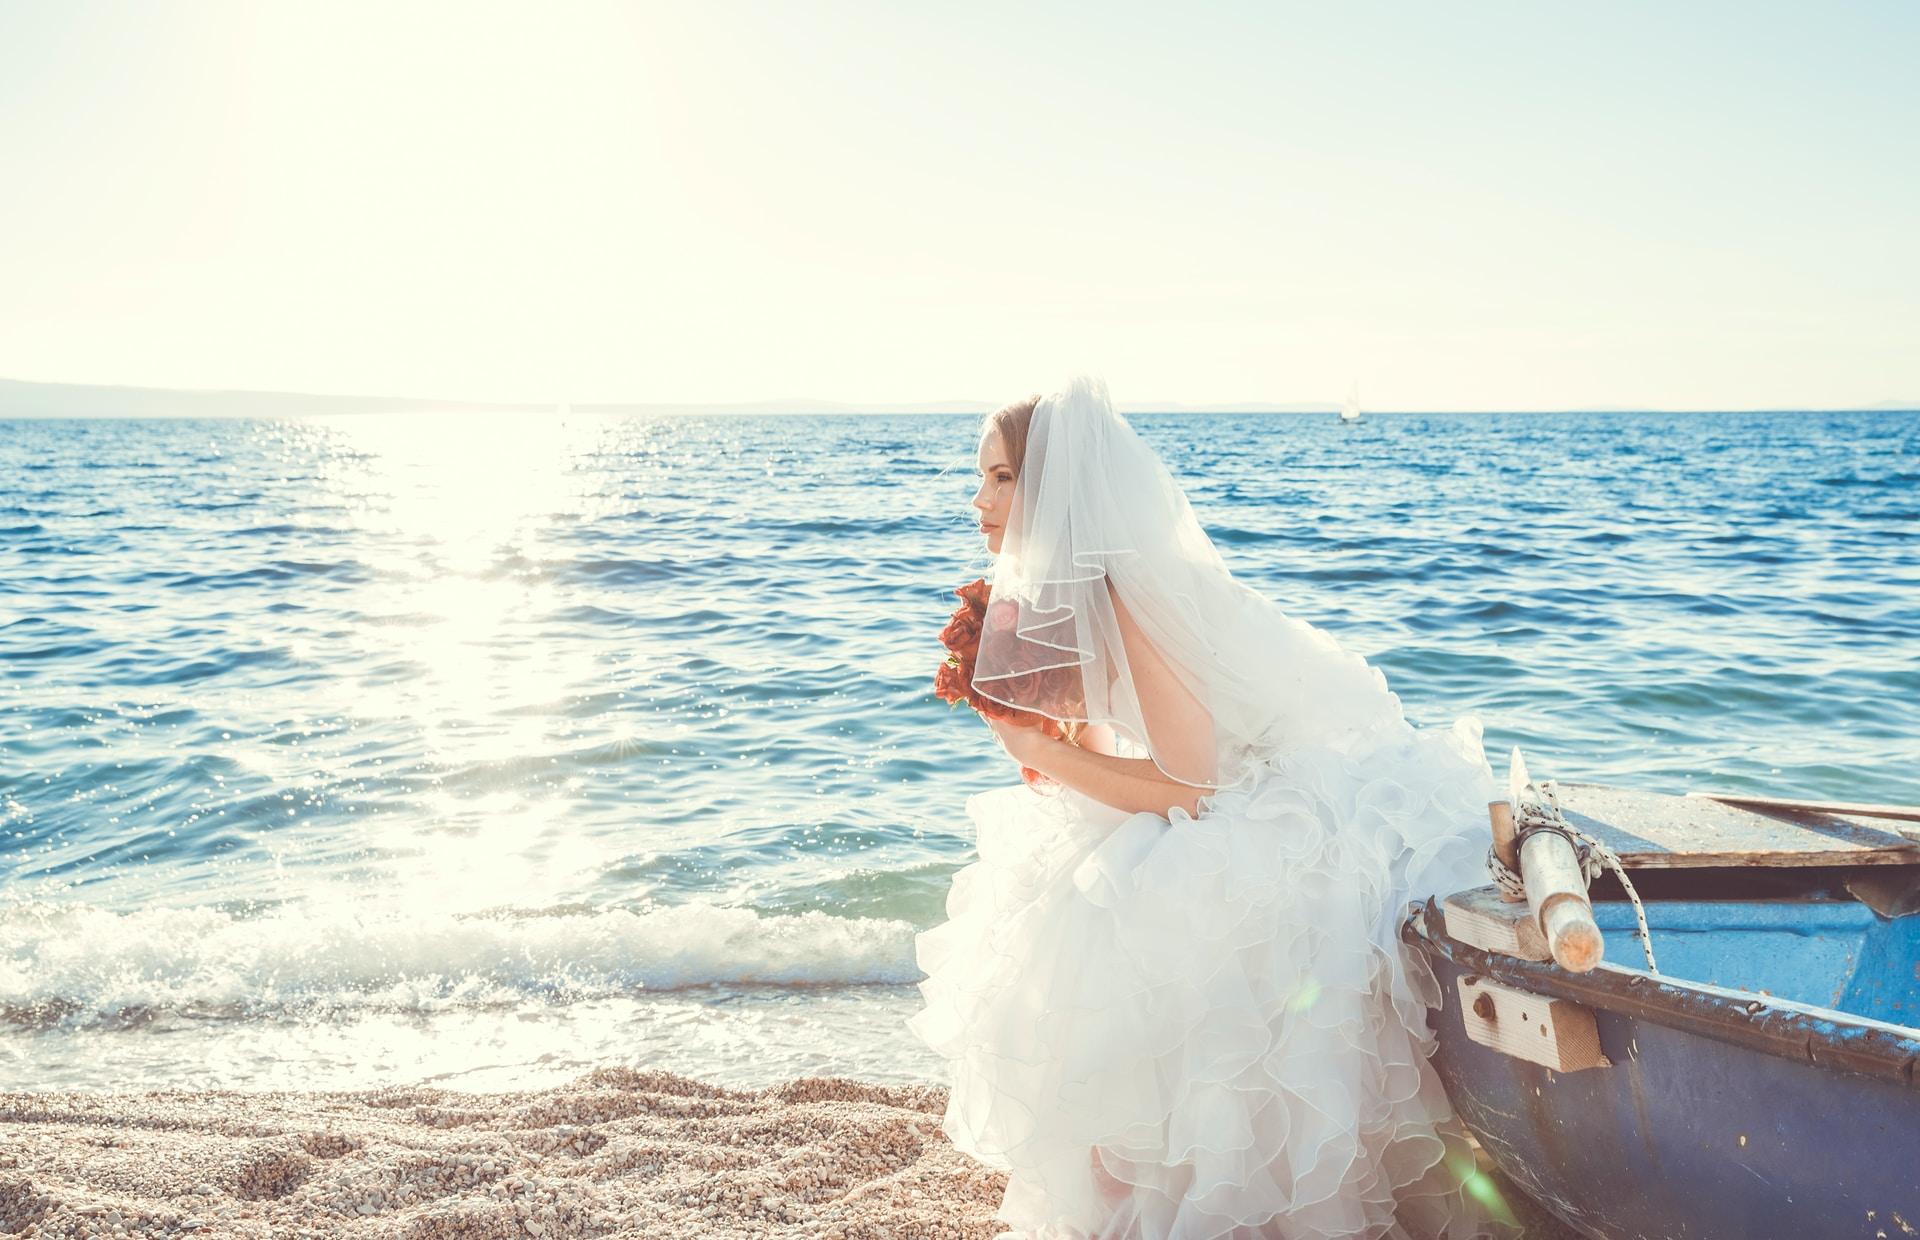 Ονειρεύεστε το νυφικό σας φόρεμα;